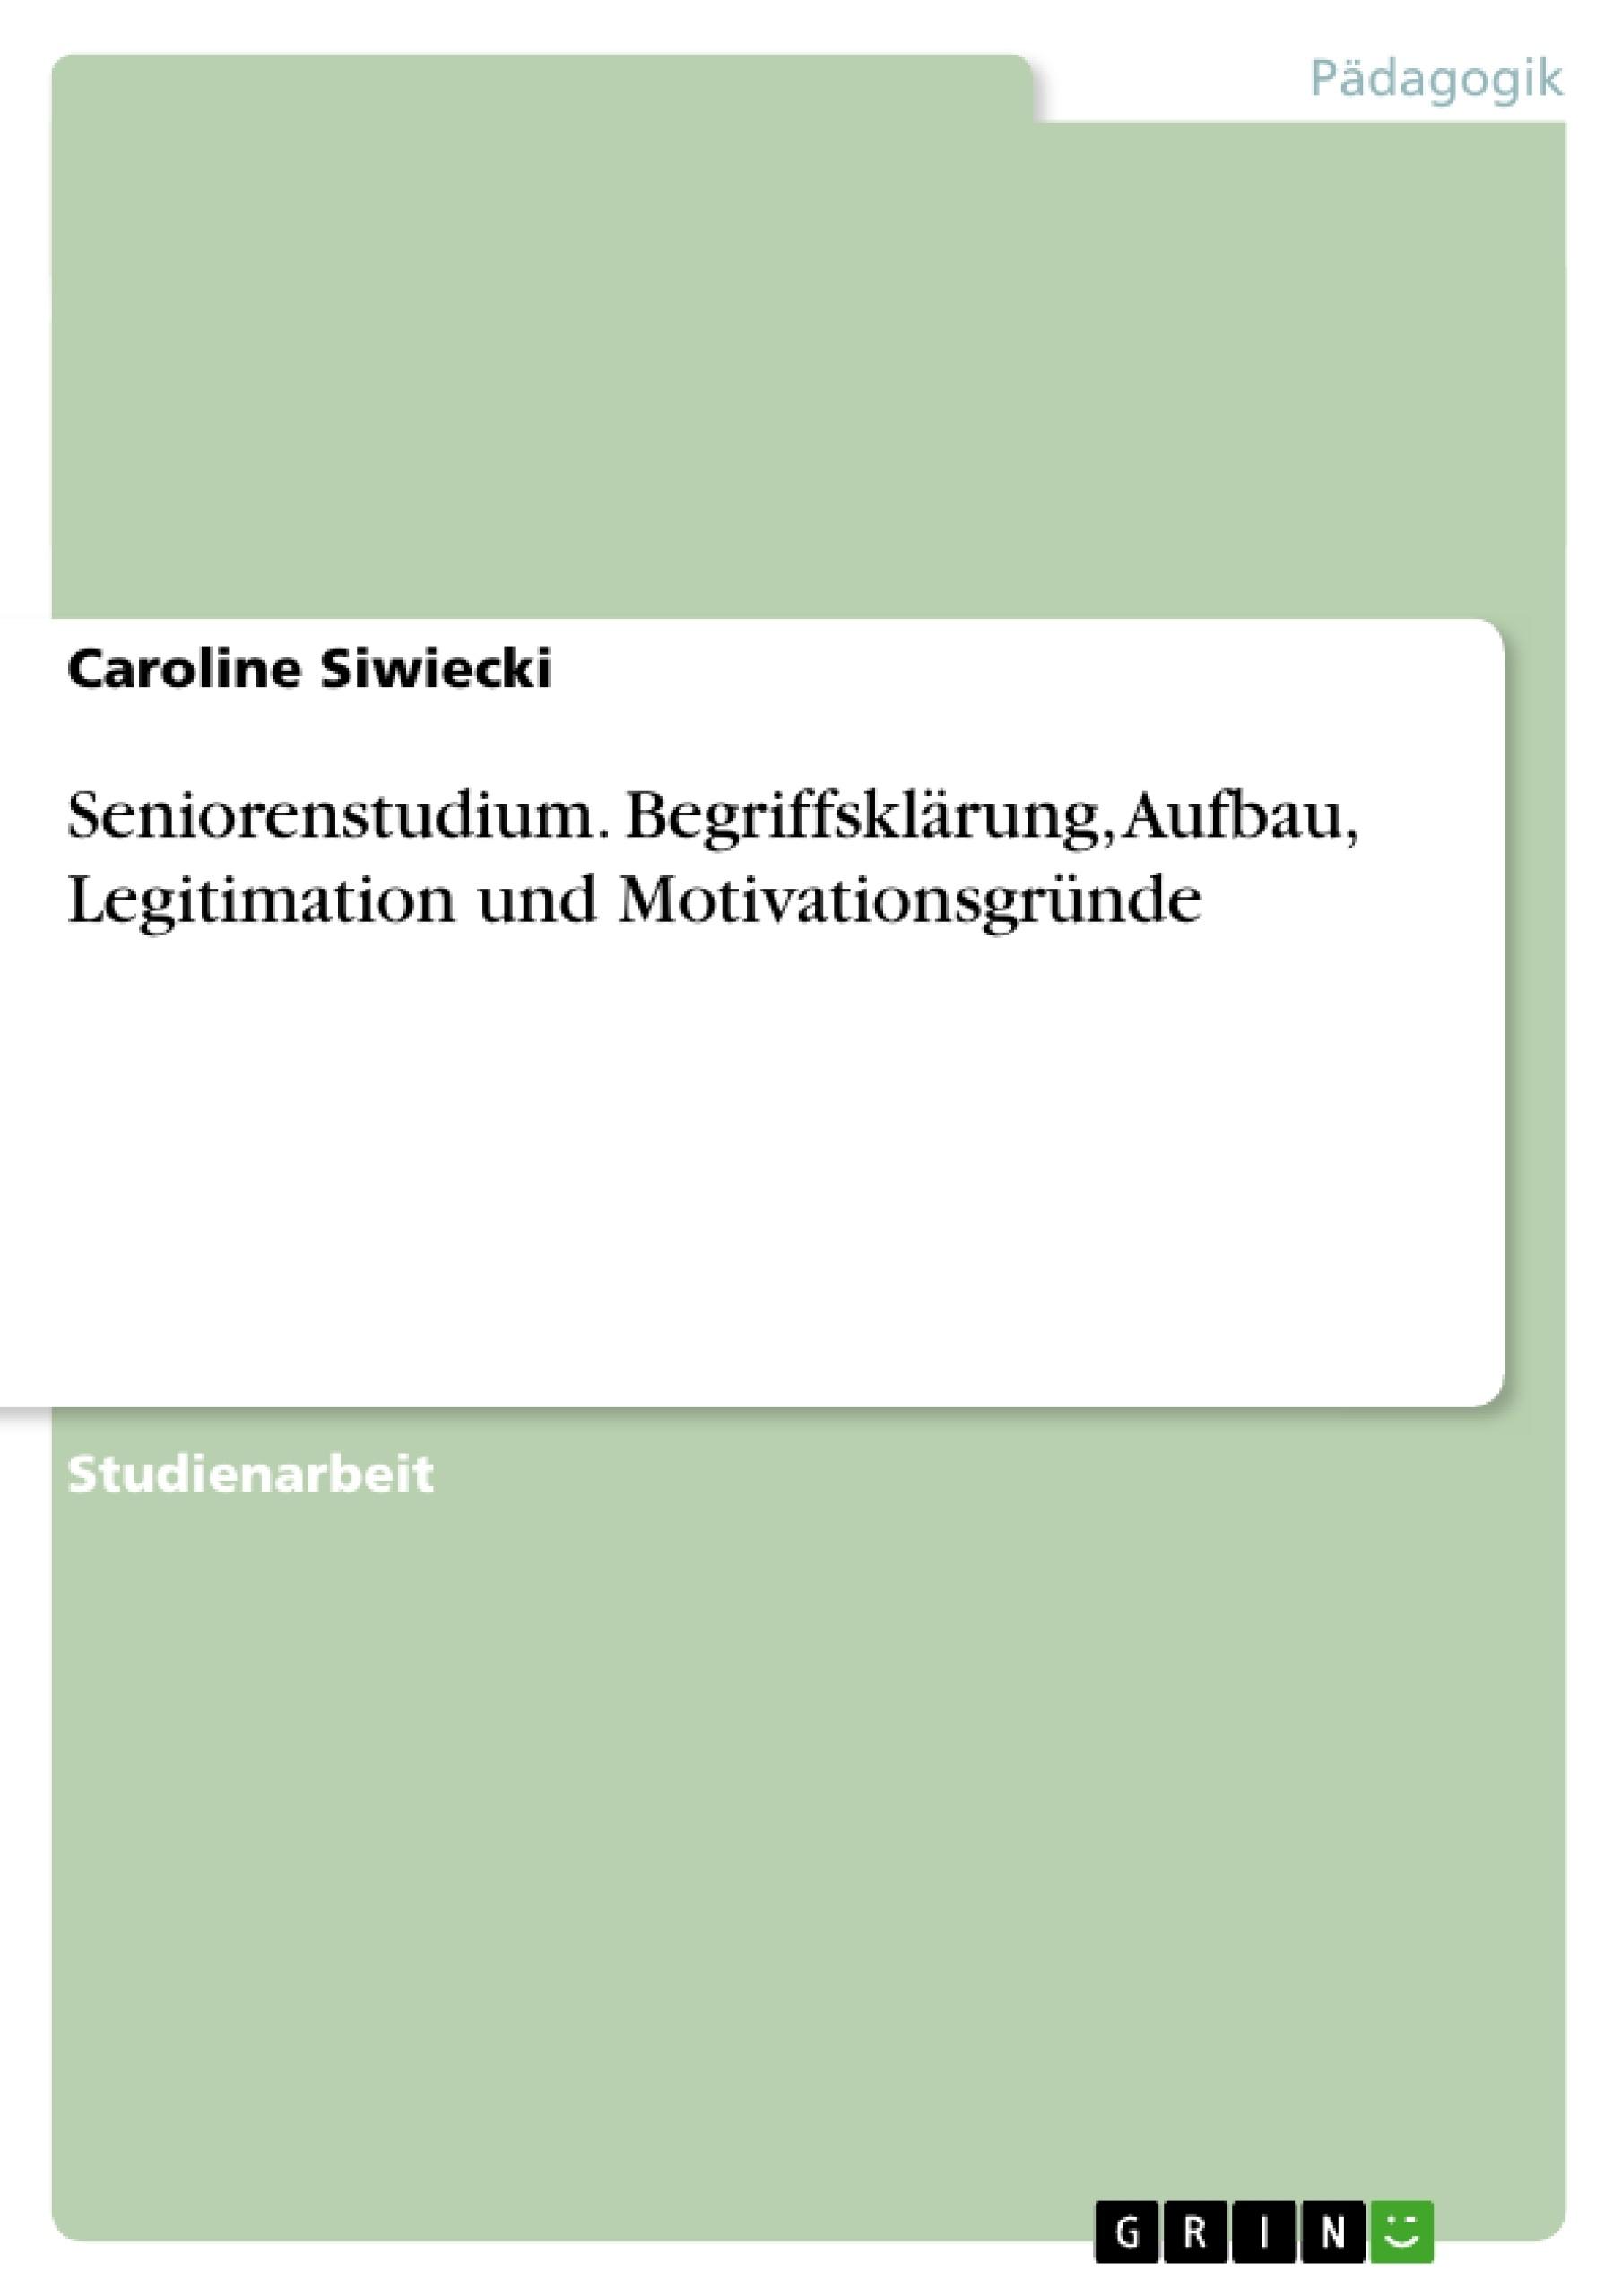 Titel: Seniorenstudium. Begriffsklärung, Aufbau, Legitimation und Motivationsgründe